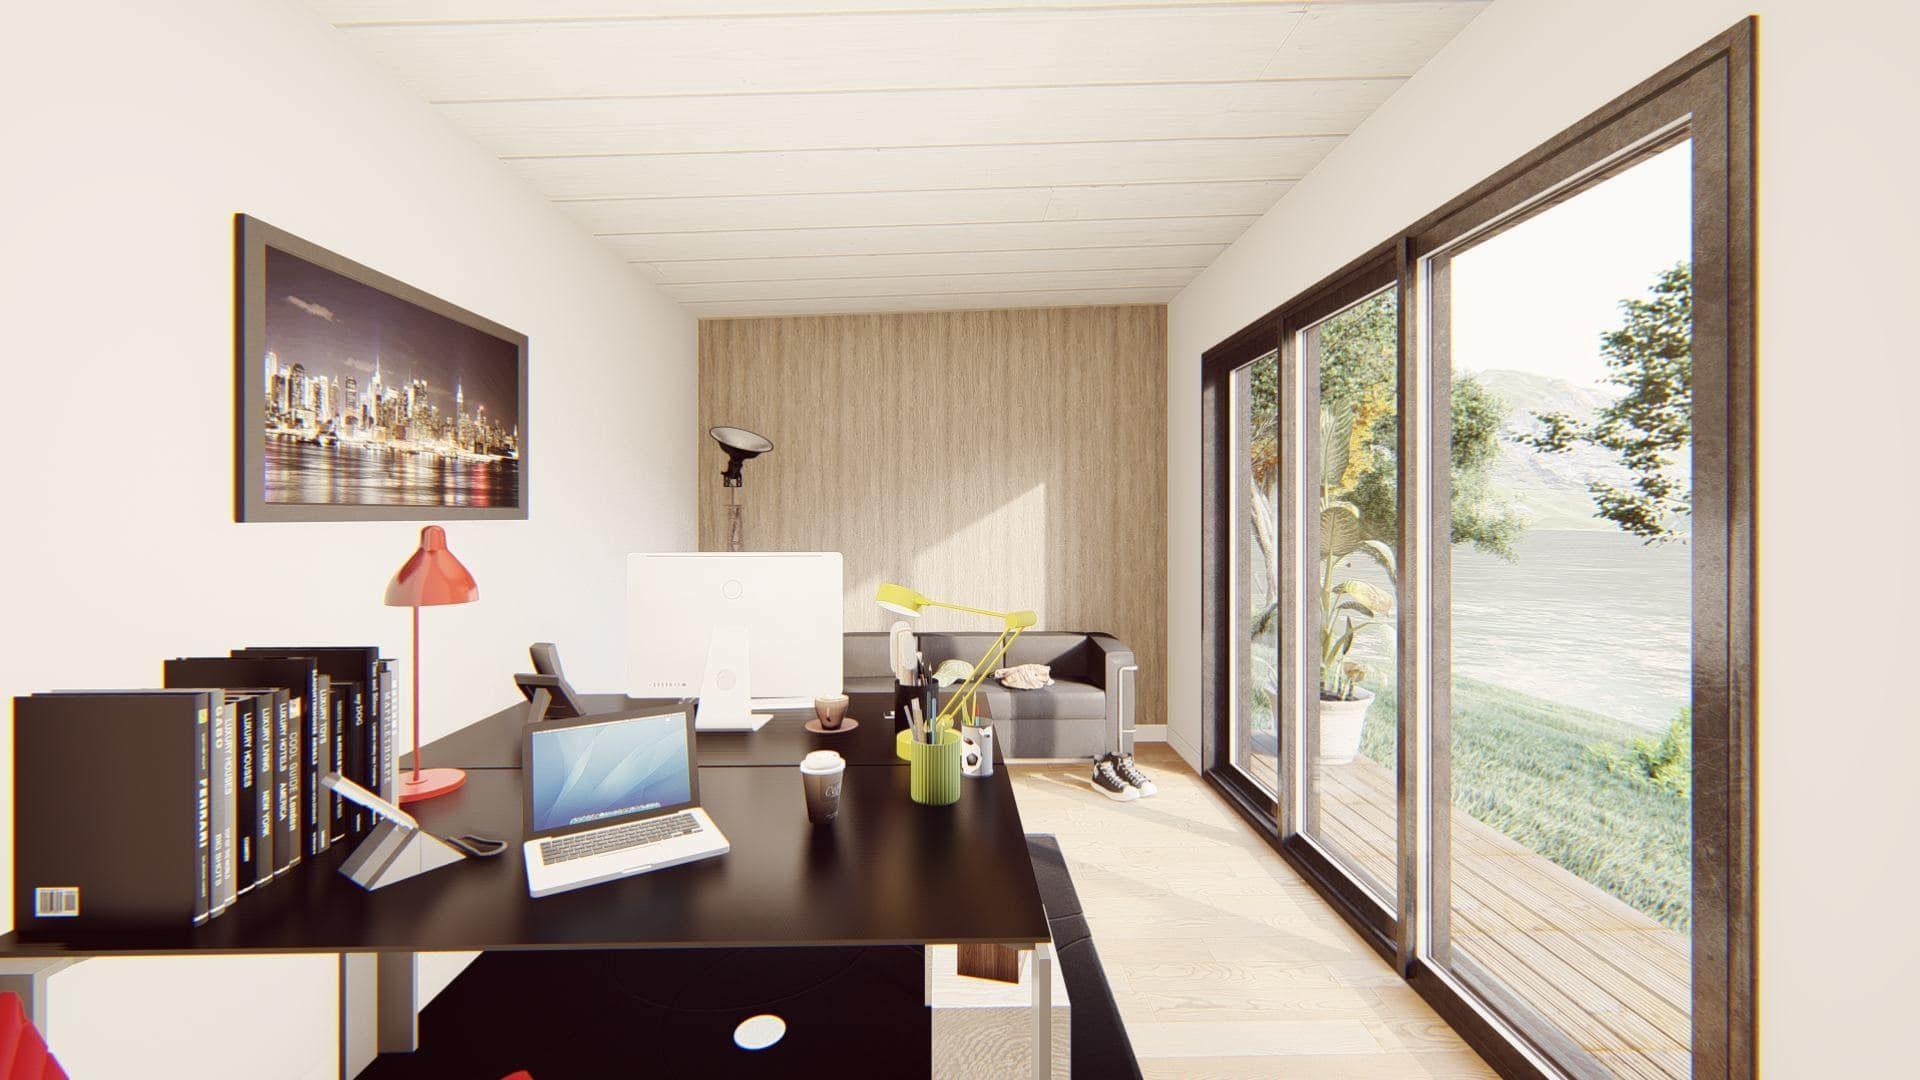 bureau de jardin 20 m2 vue interieure 3